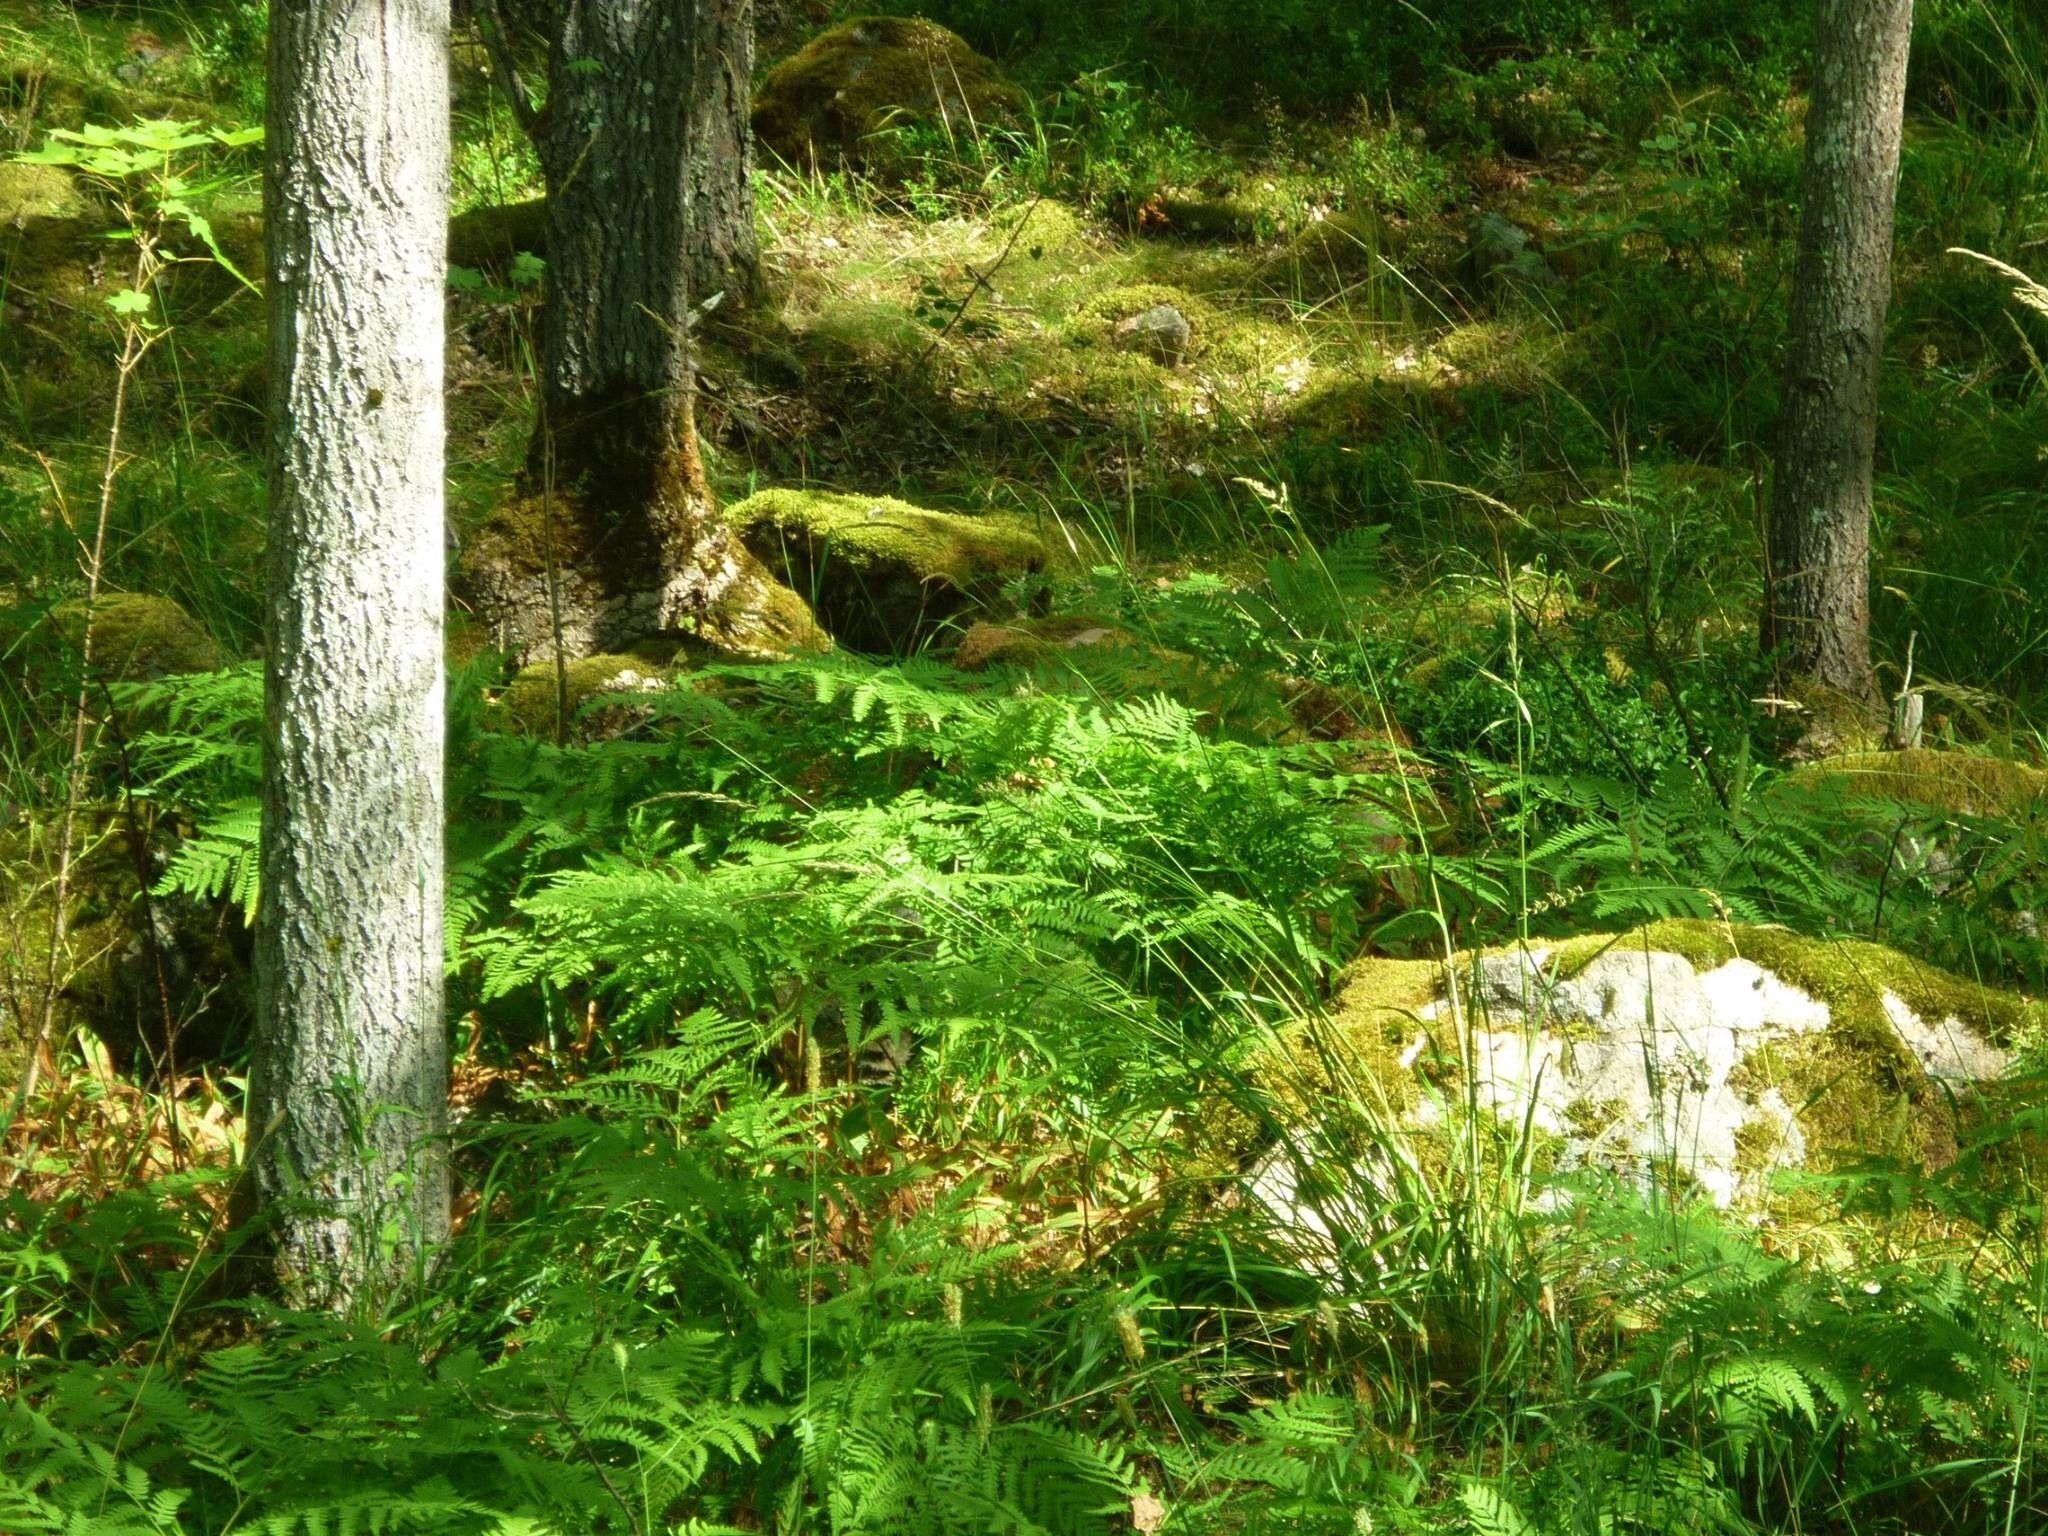 Hier wären wir jetzt gerne: Auf einer sommerlichen Lichtung mitten im Wald.